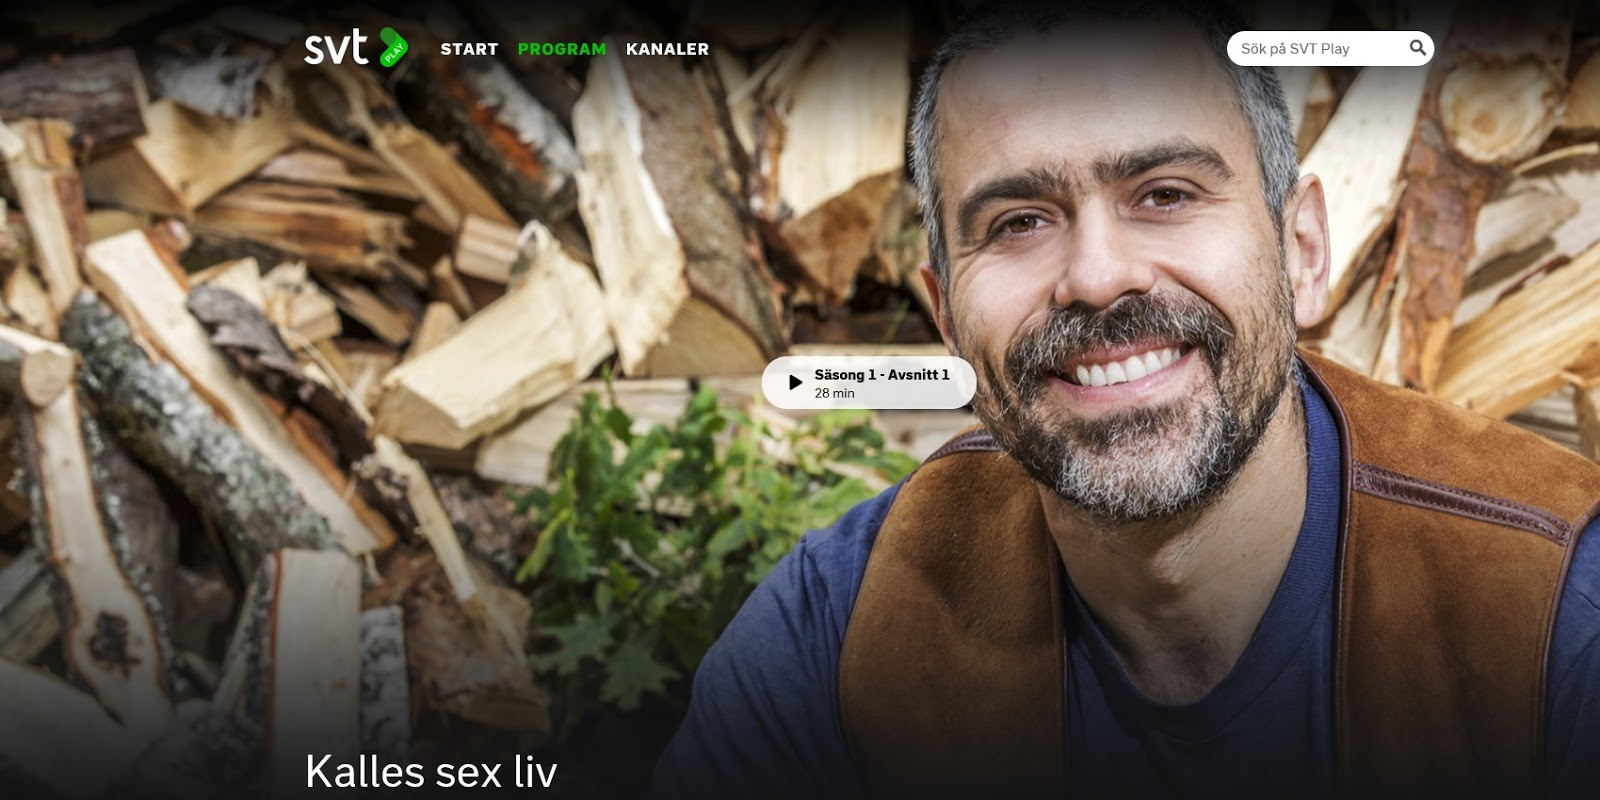 Kalles sex liv